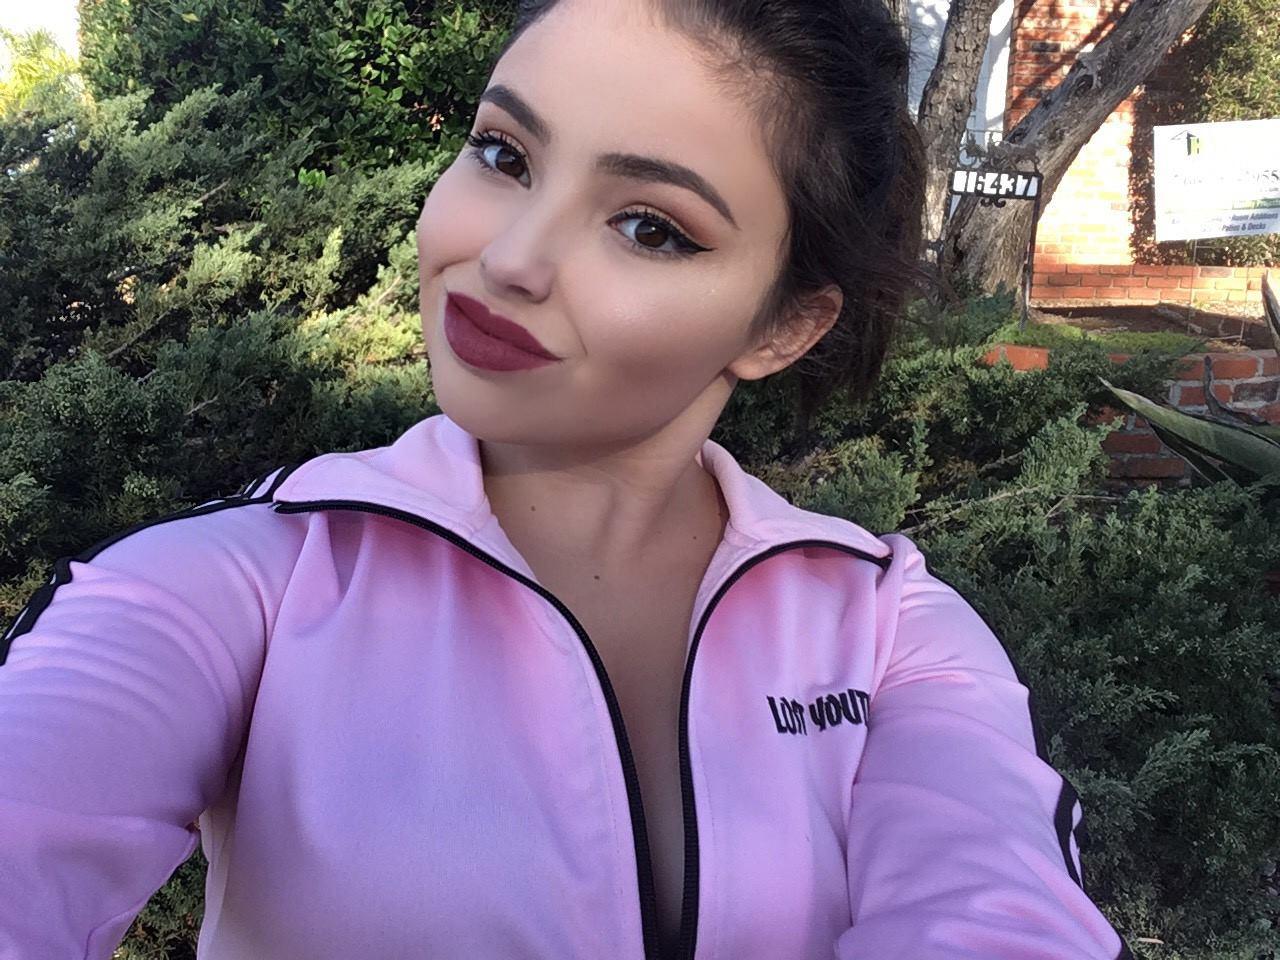 Chloe Viser